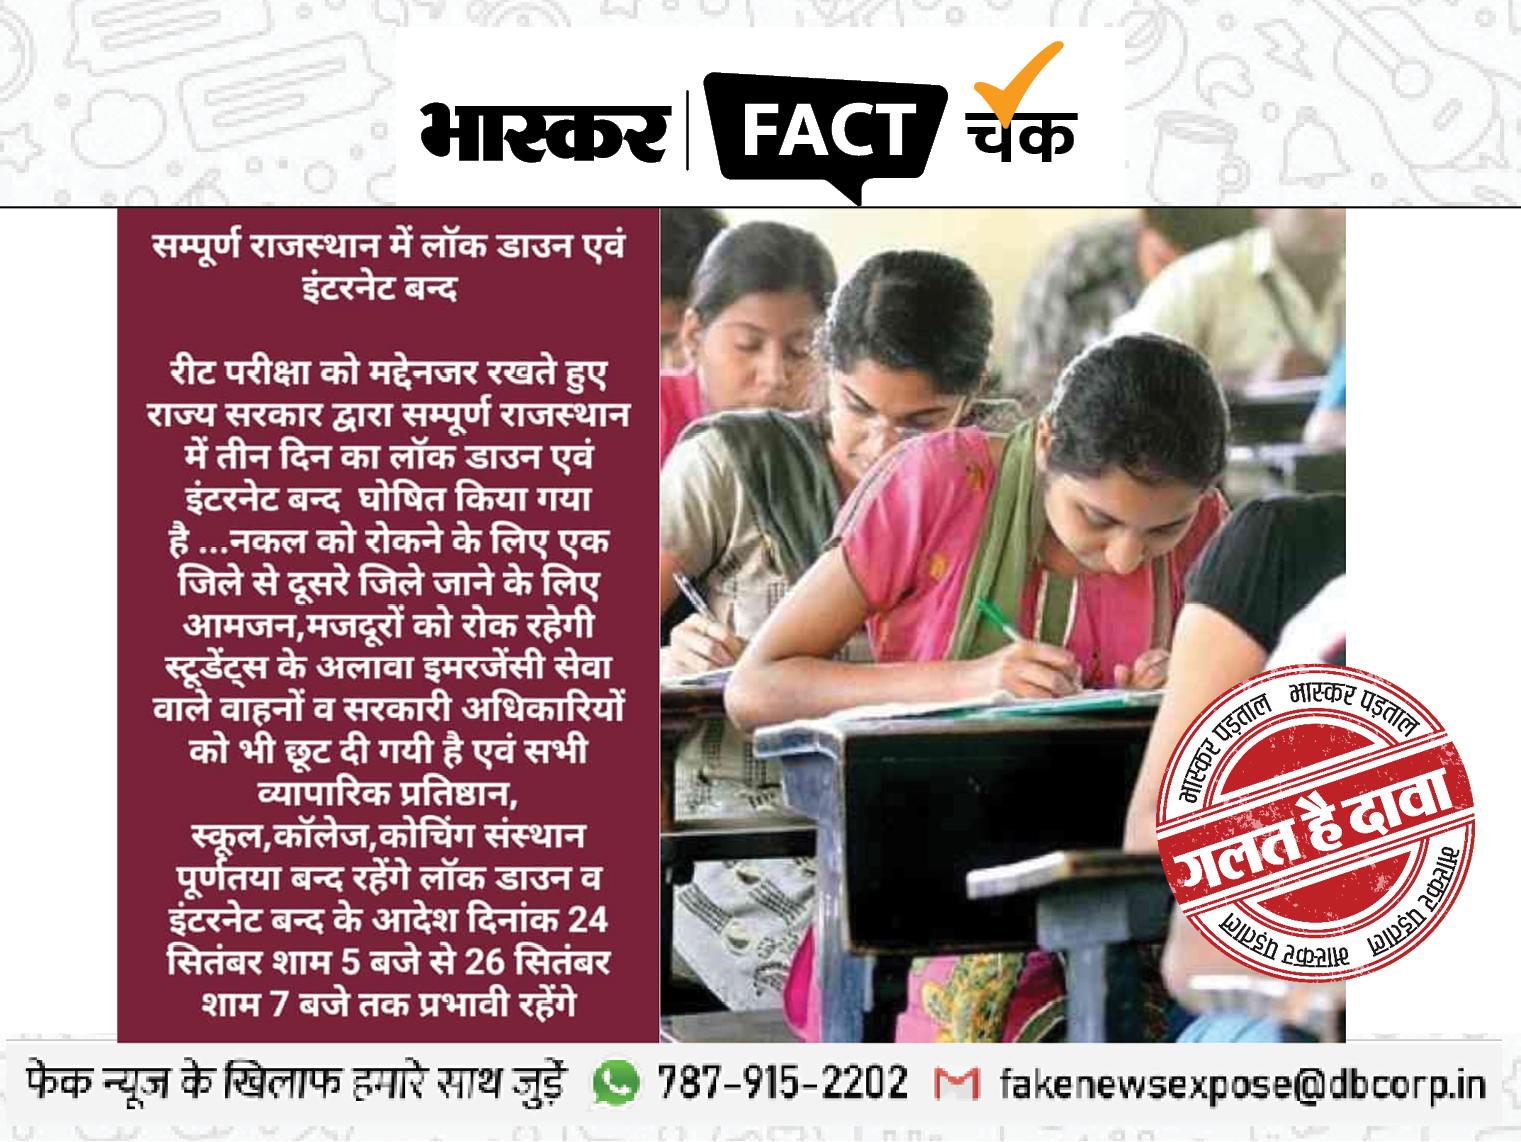 राजस्थान में REET परीक्षाके कारण 24 सितंबर से 26 सितंबर तक लॉकडाउन के साथ रहेगा इंटरनेट बंद? जानिए इसकी सच्चाई फेक न्यूज़ एक्सपोज़,Fake News Expose - Dainik Bhaskar